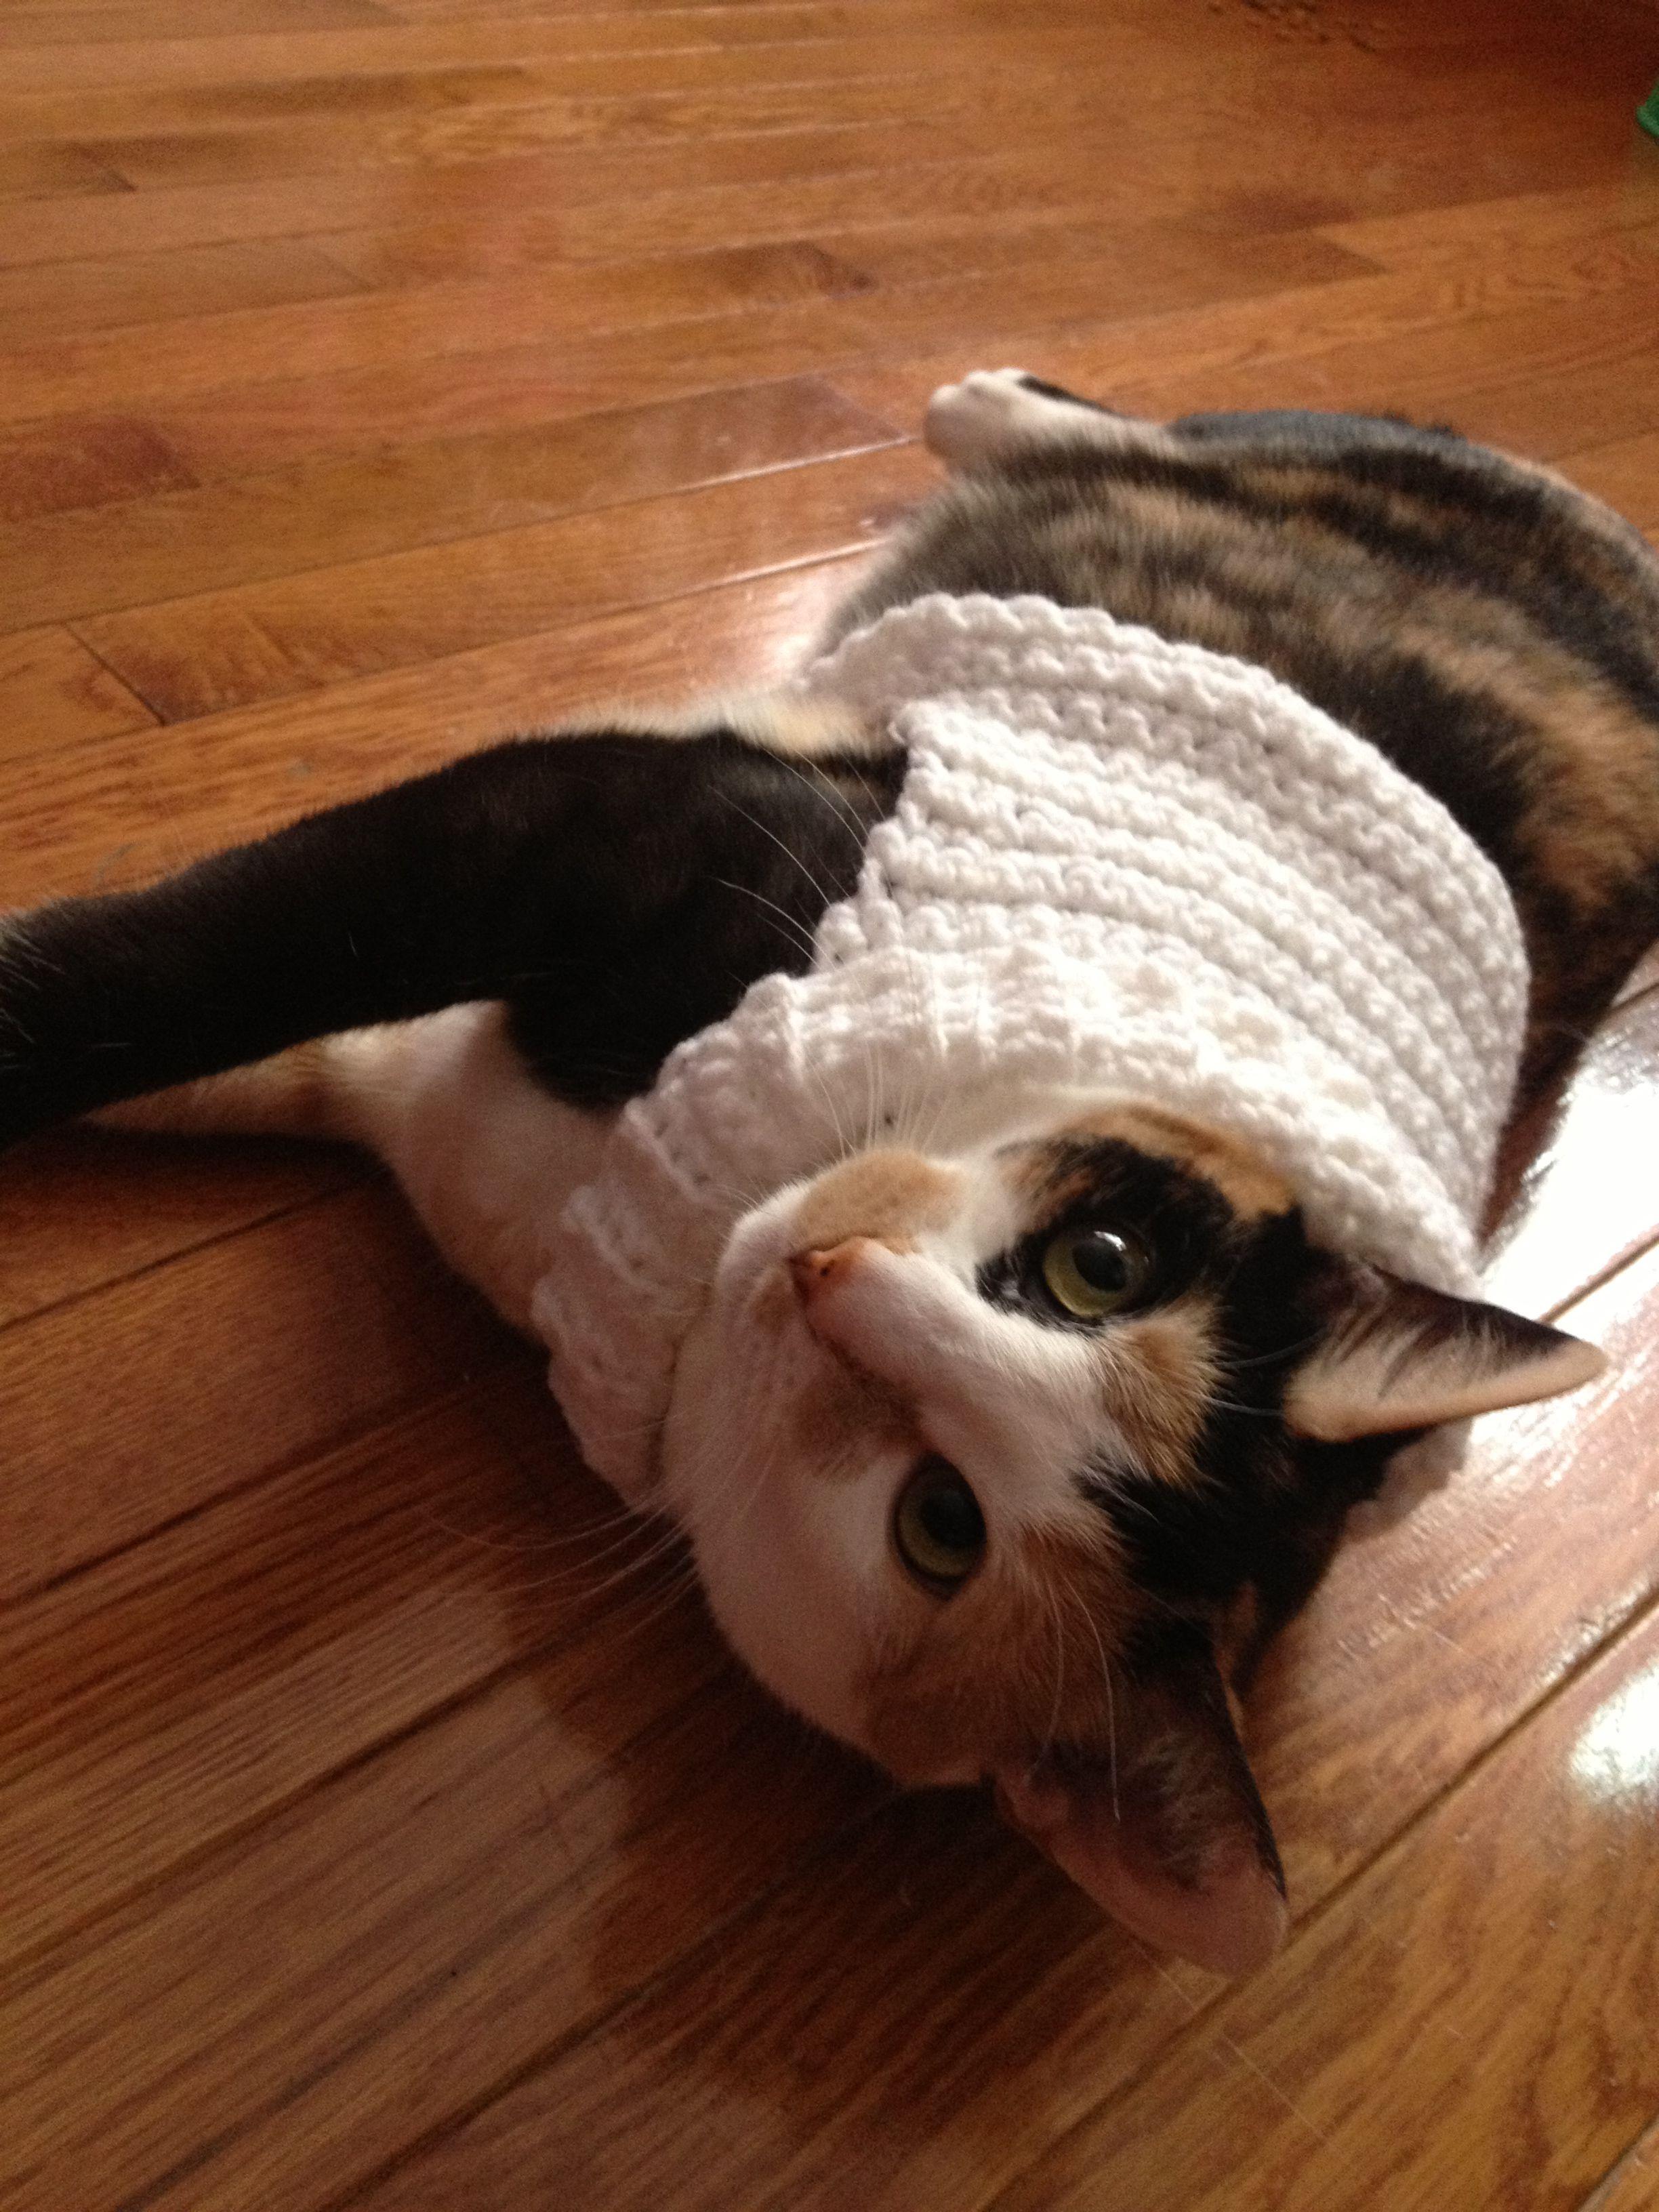 Crocheted cat sweater | crochet | Crochet cat pattern, Cat ...